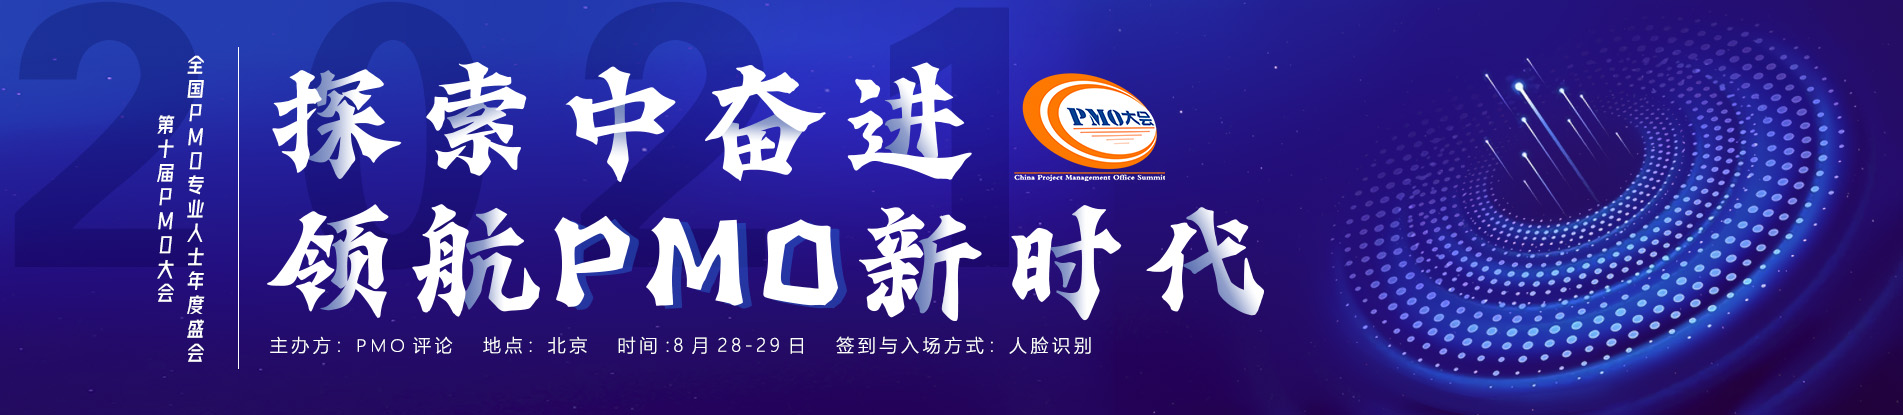 2021第十届PMO大会定于8月28-29日在北京召开